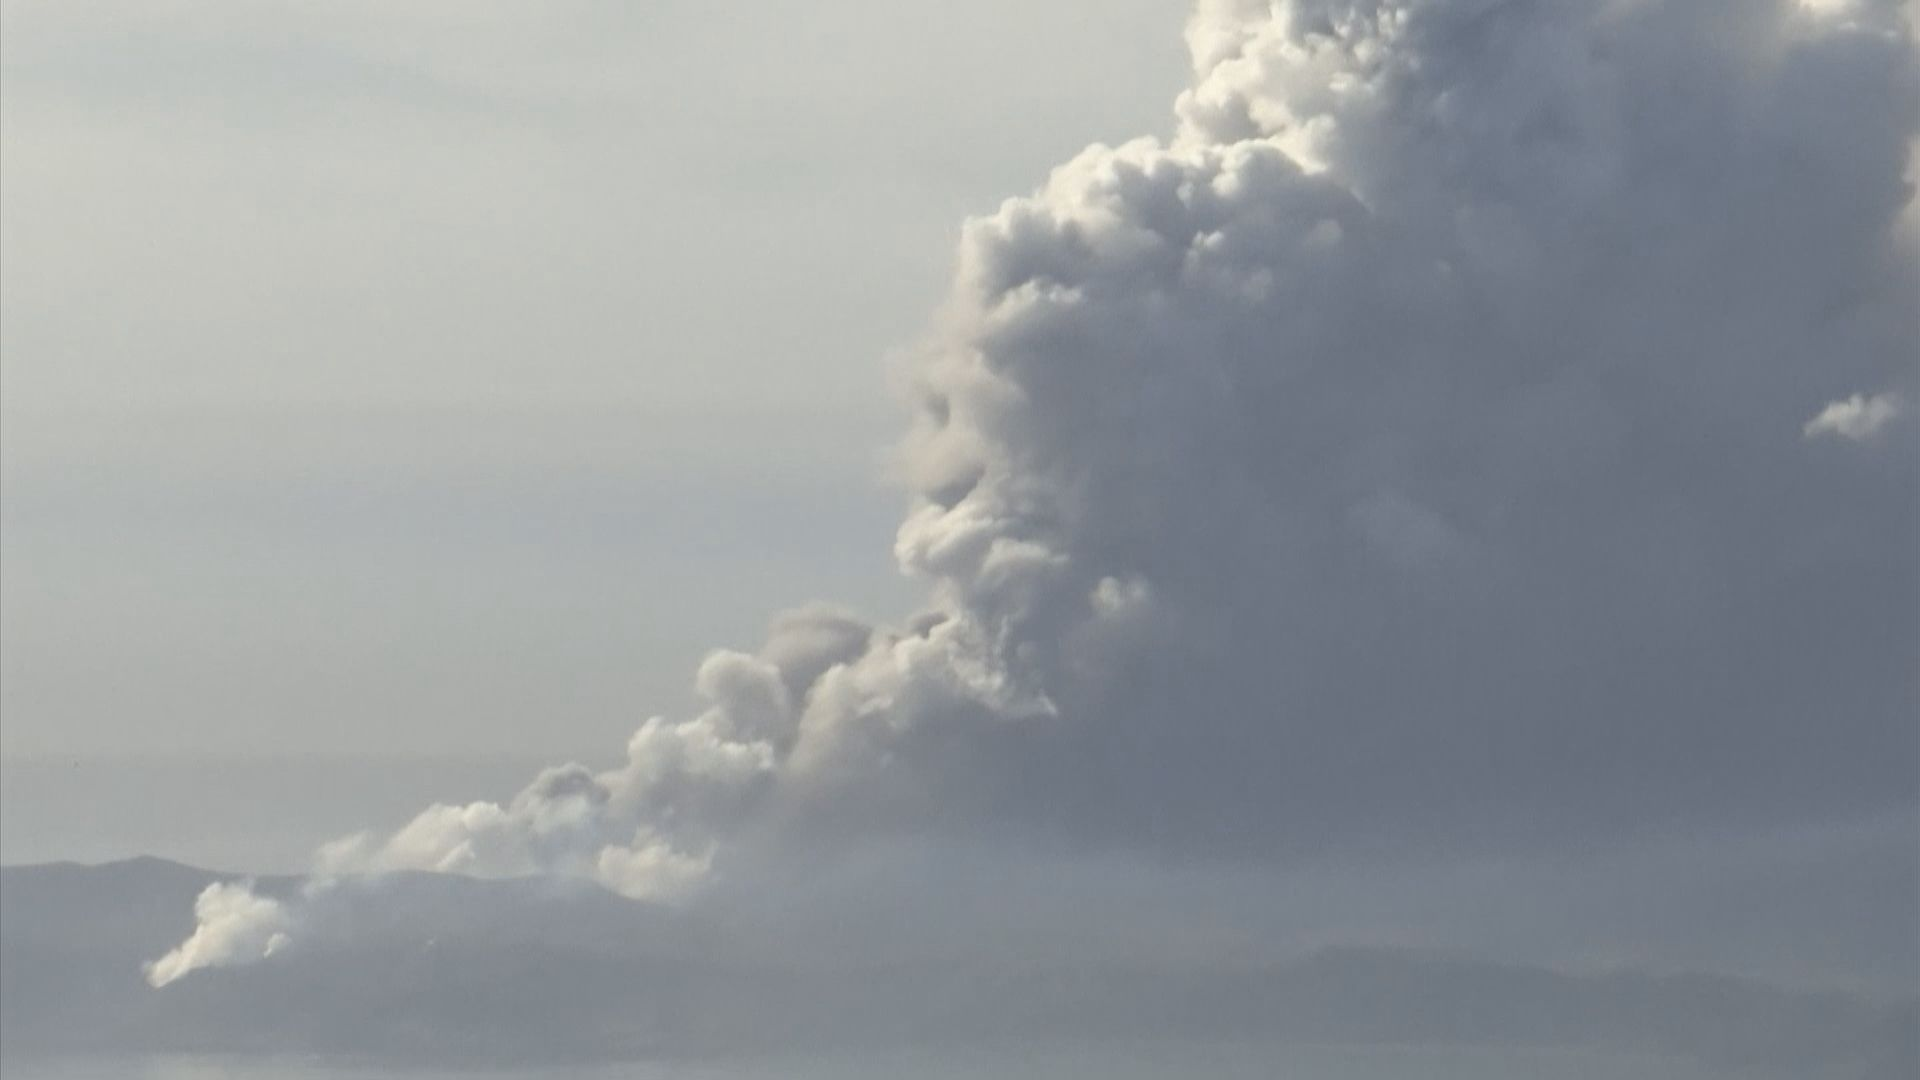 菲律賓塔阿爾火山爆發 馬尼拉等多個城鎮停工停課